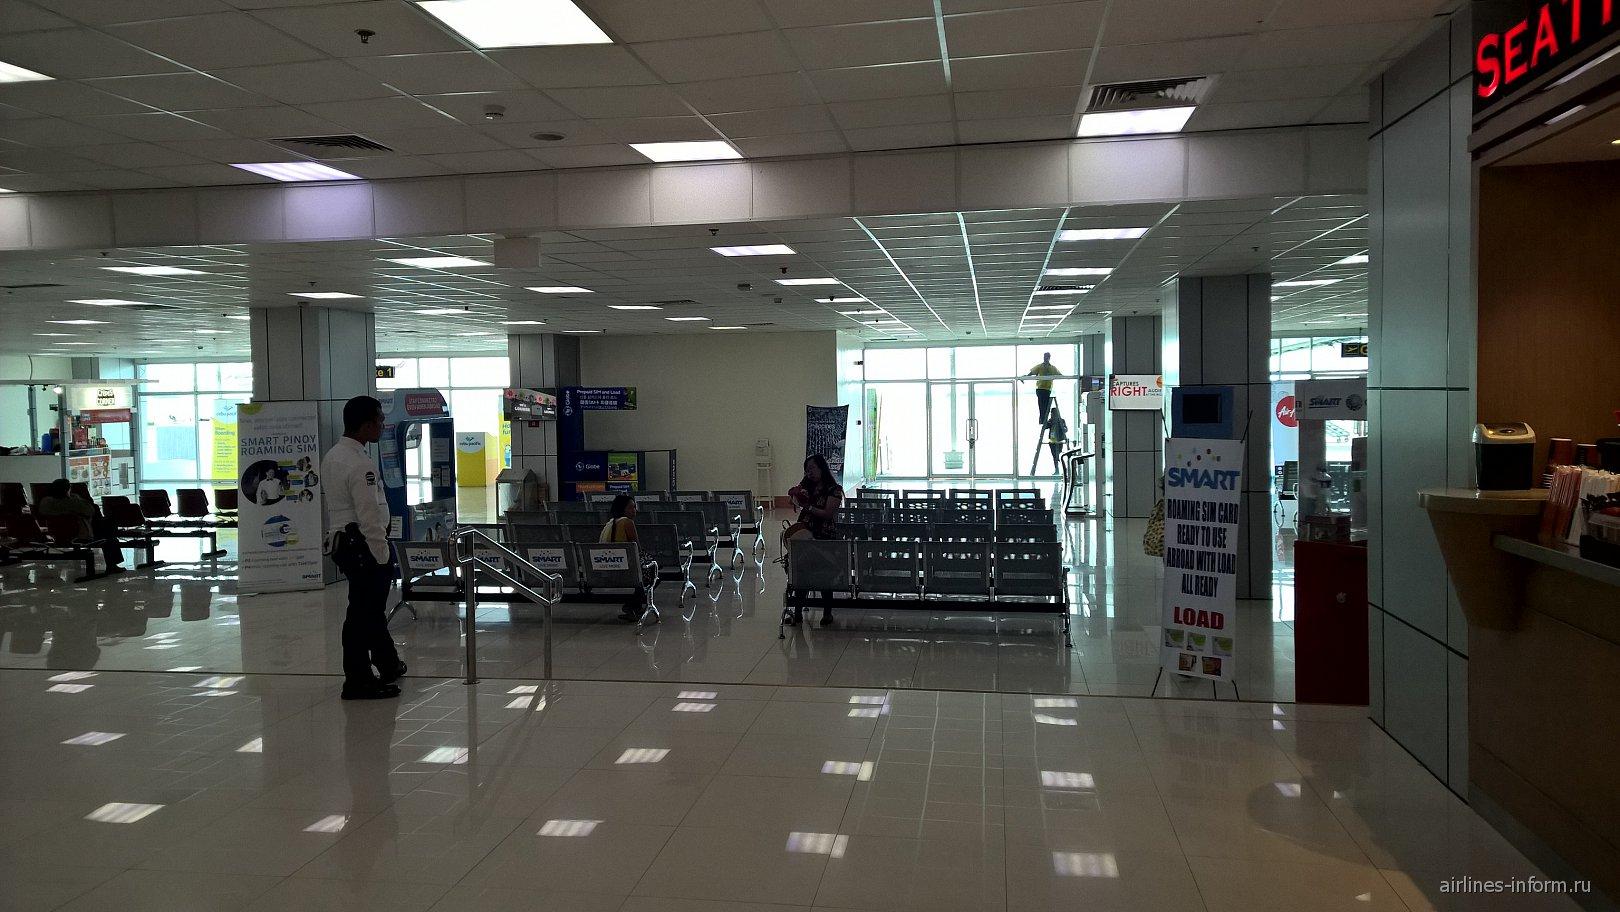 Зал ожидания для пассажиров бюджетных авиалиний на 1-м этаже аэропорта Кларк